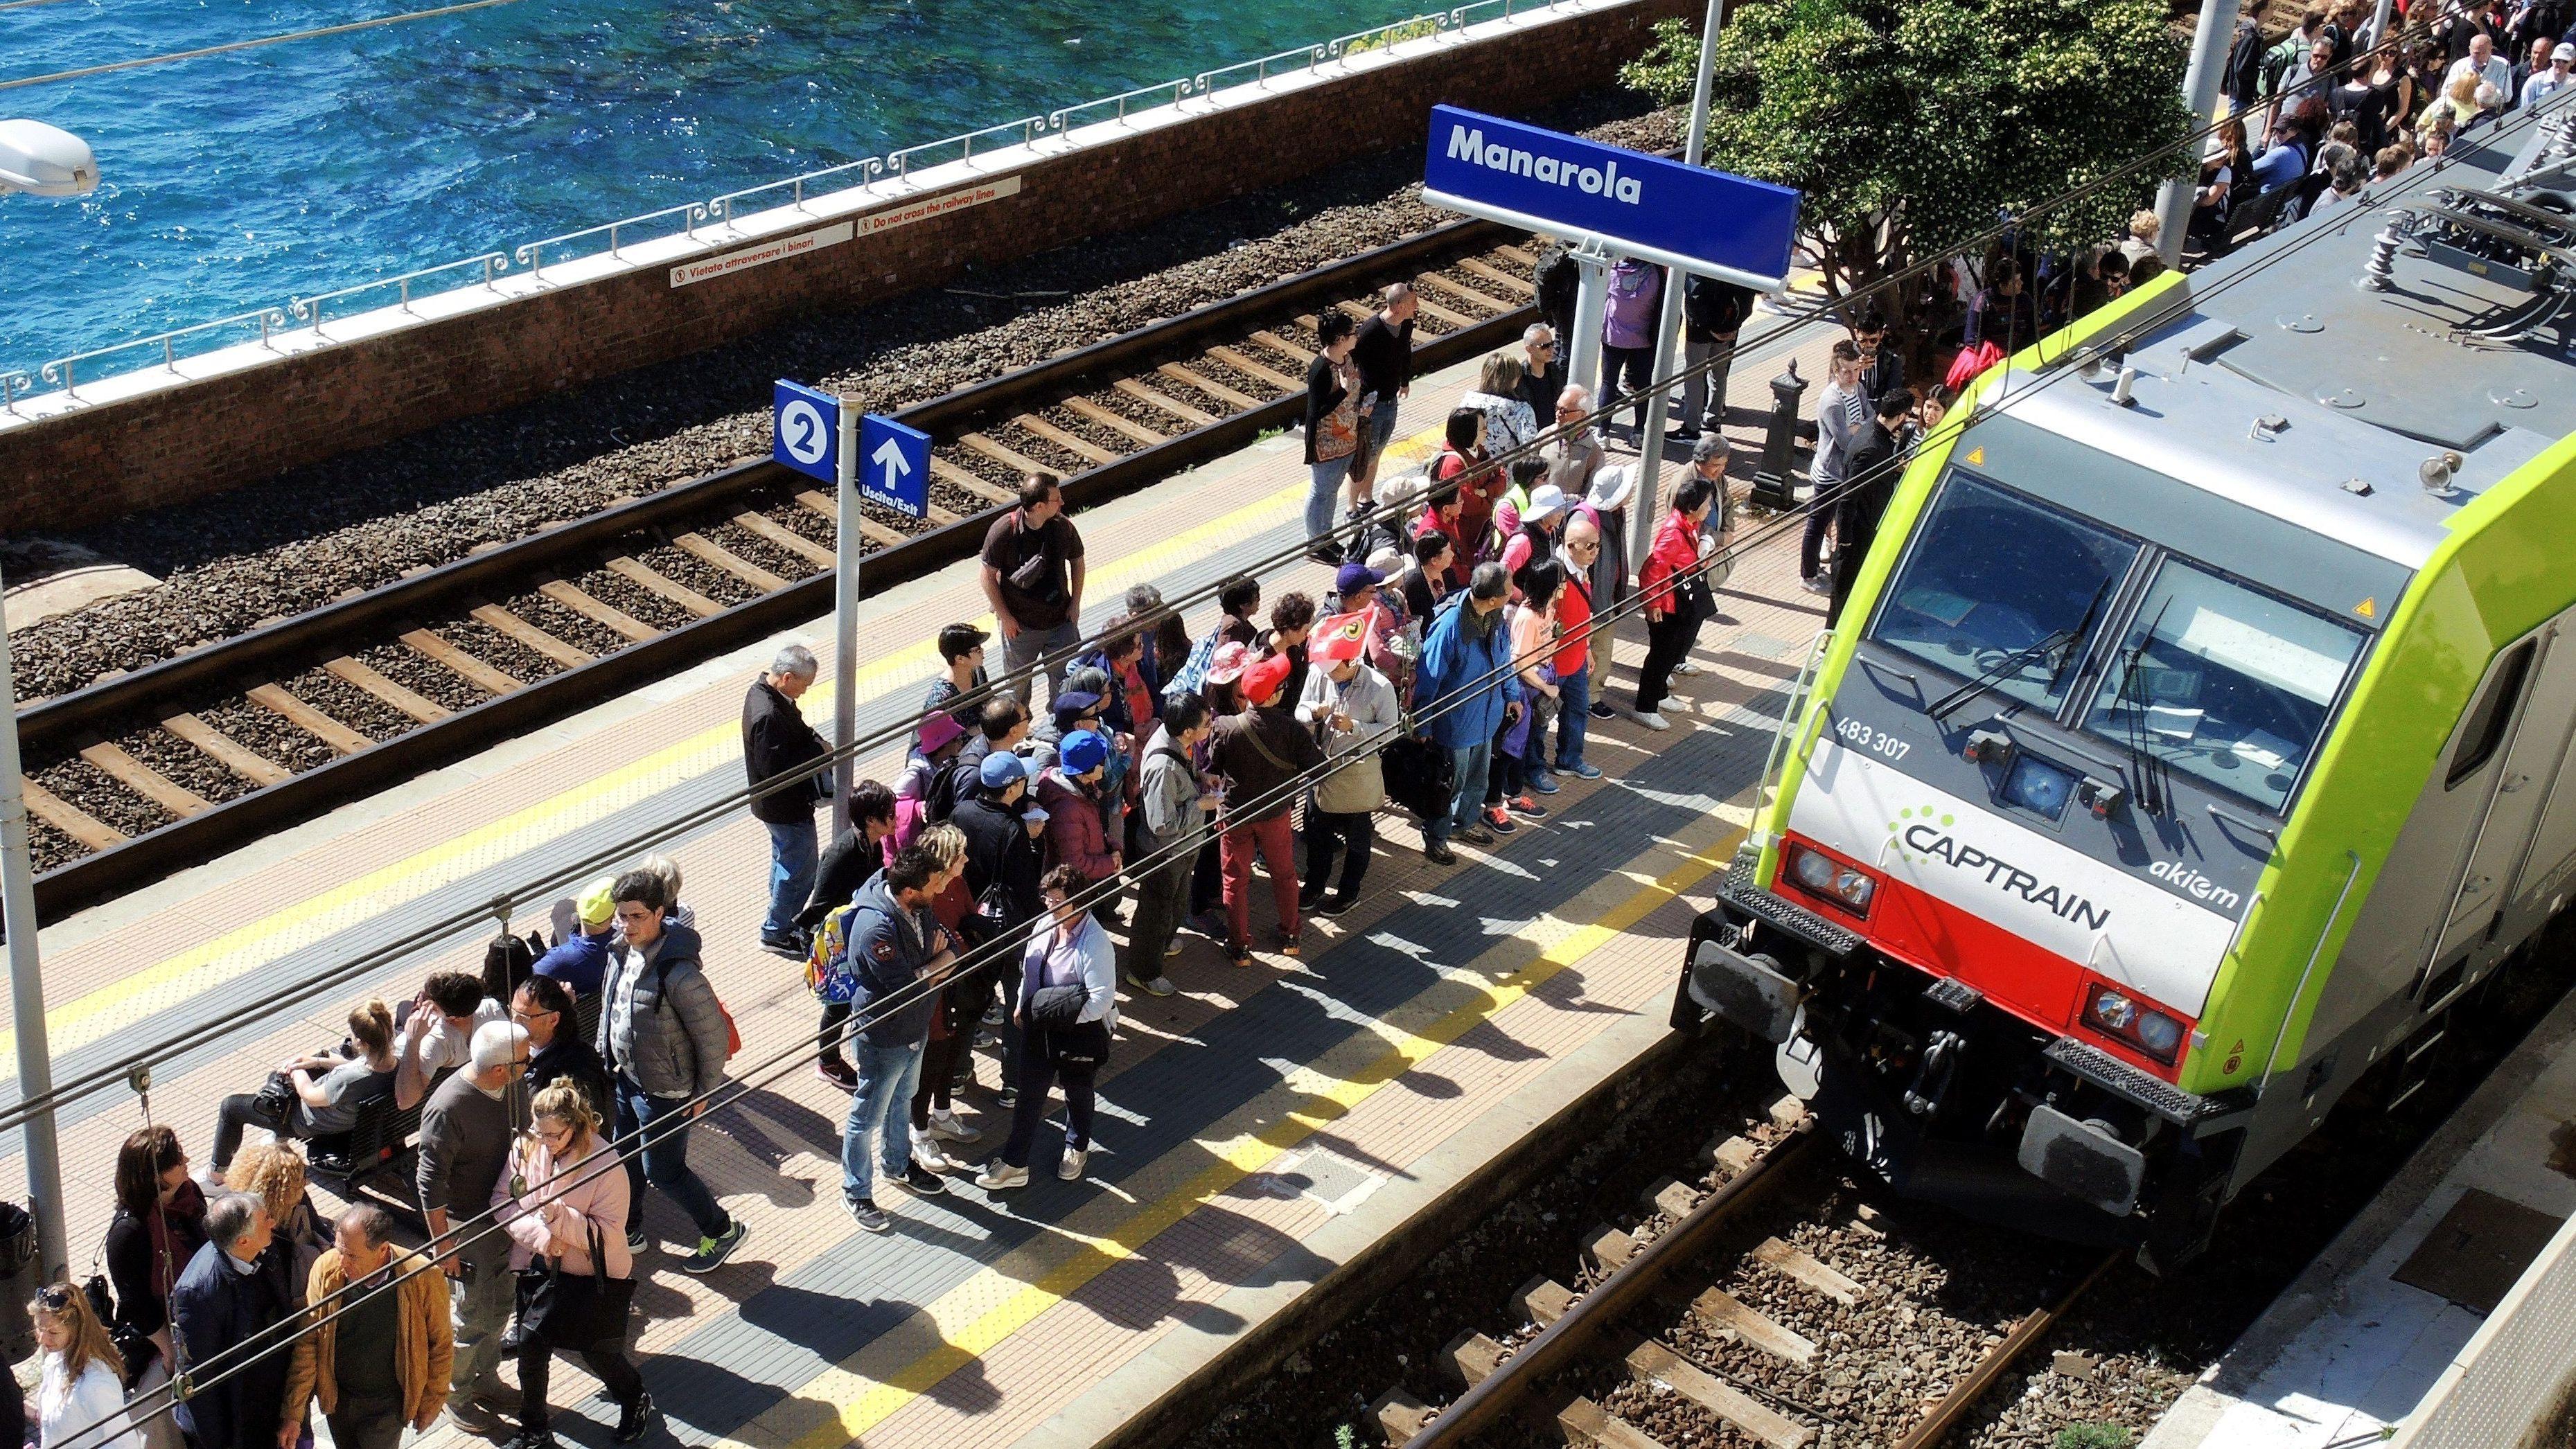 Touristen warten in Manarola auf einen Zug